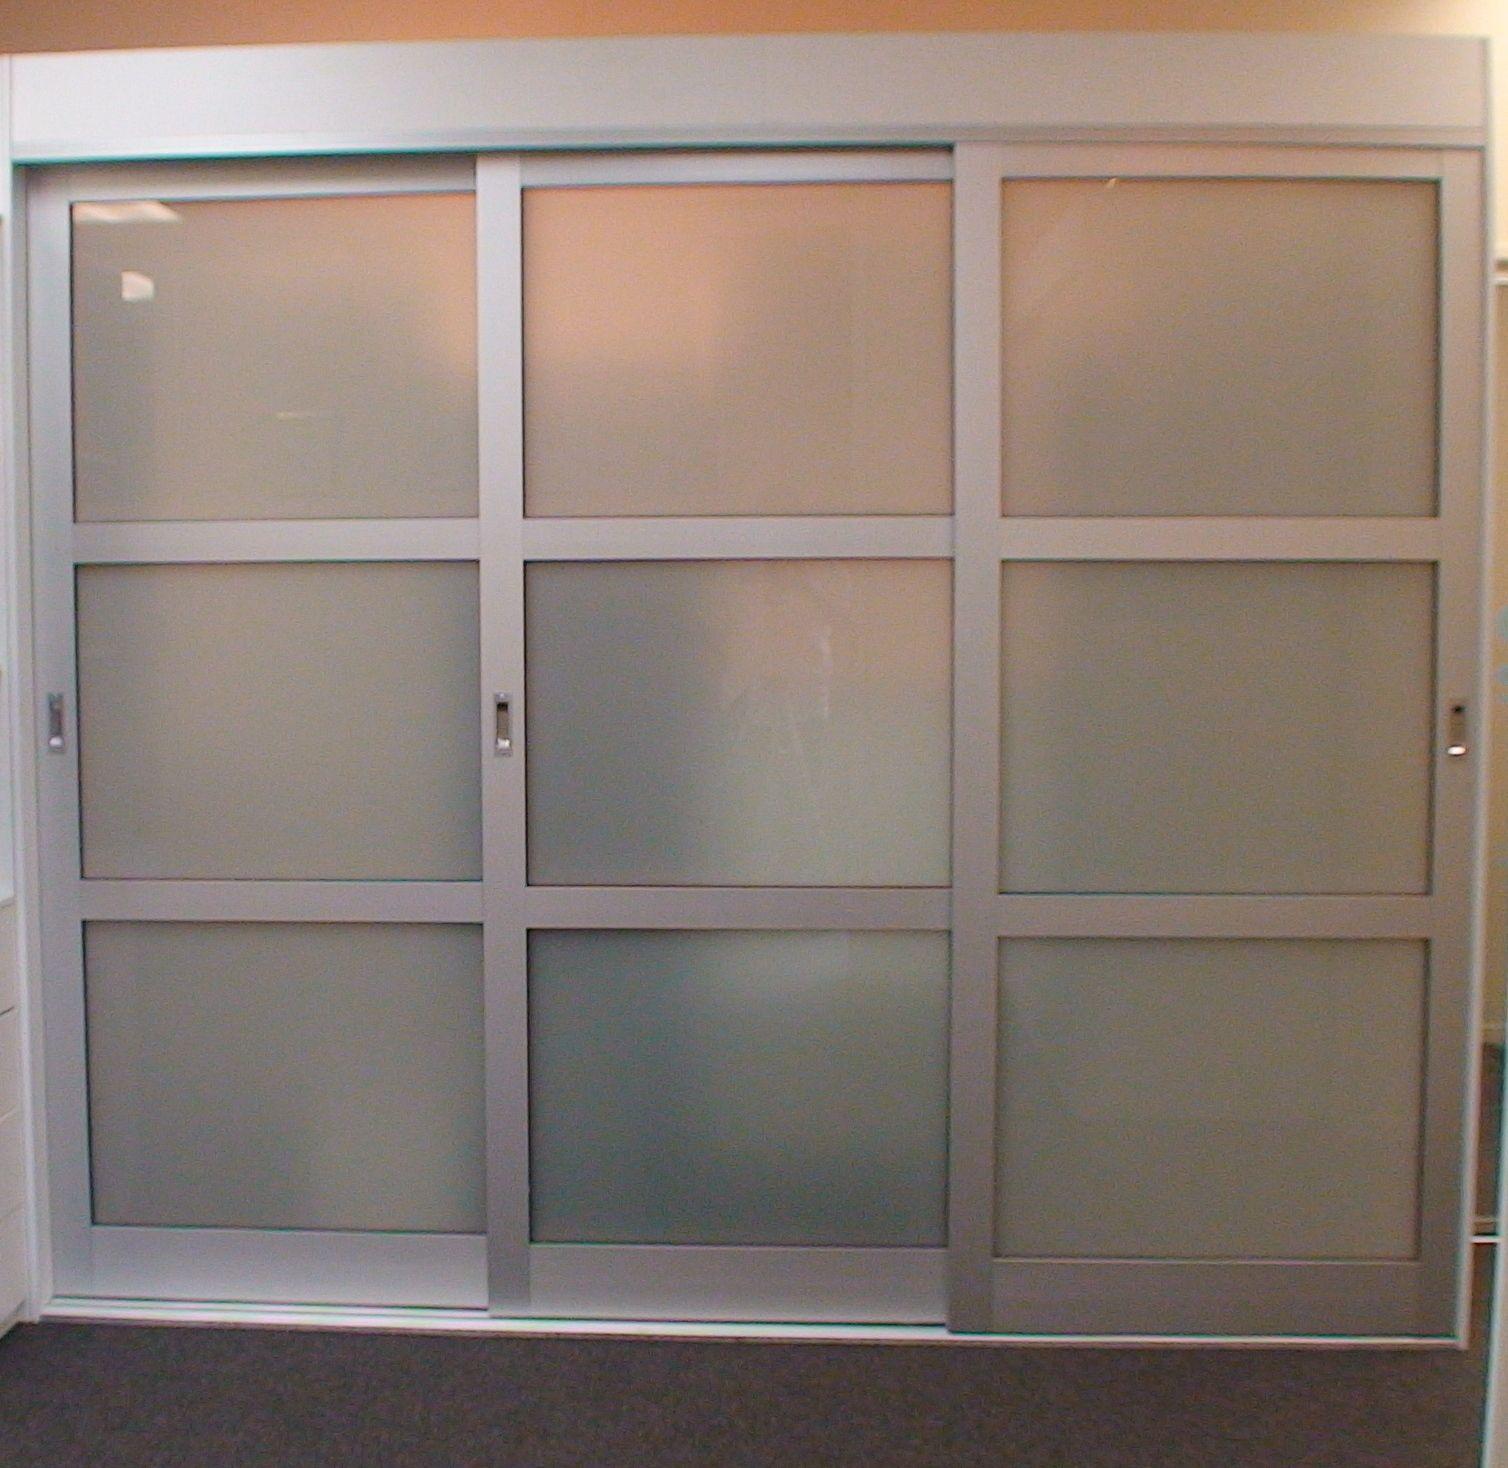 White Glass Sliding Doors With Black Wooden Frame On ..